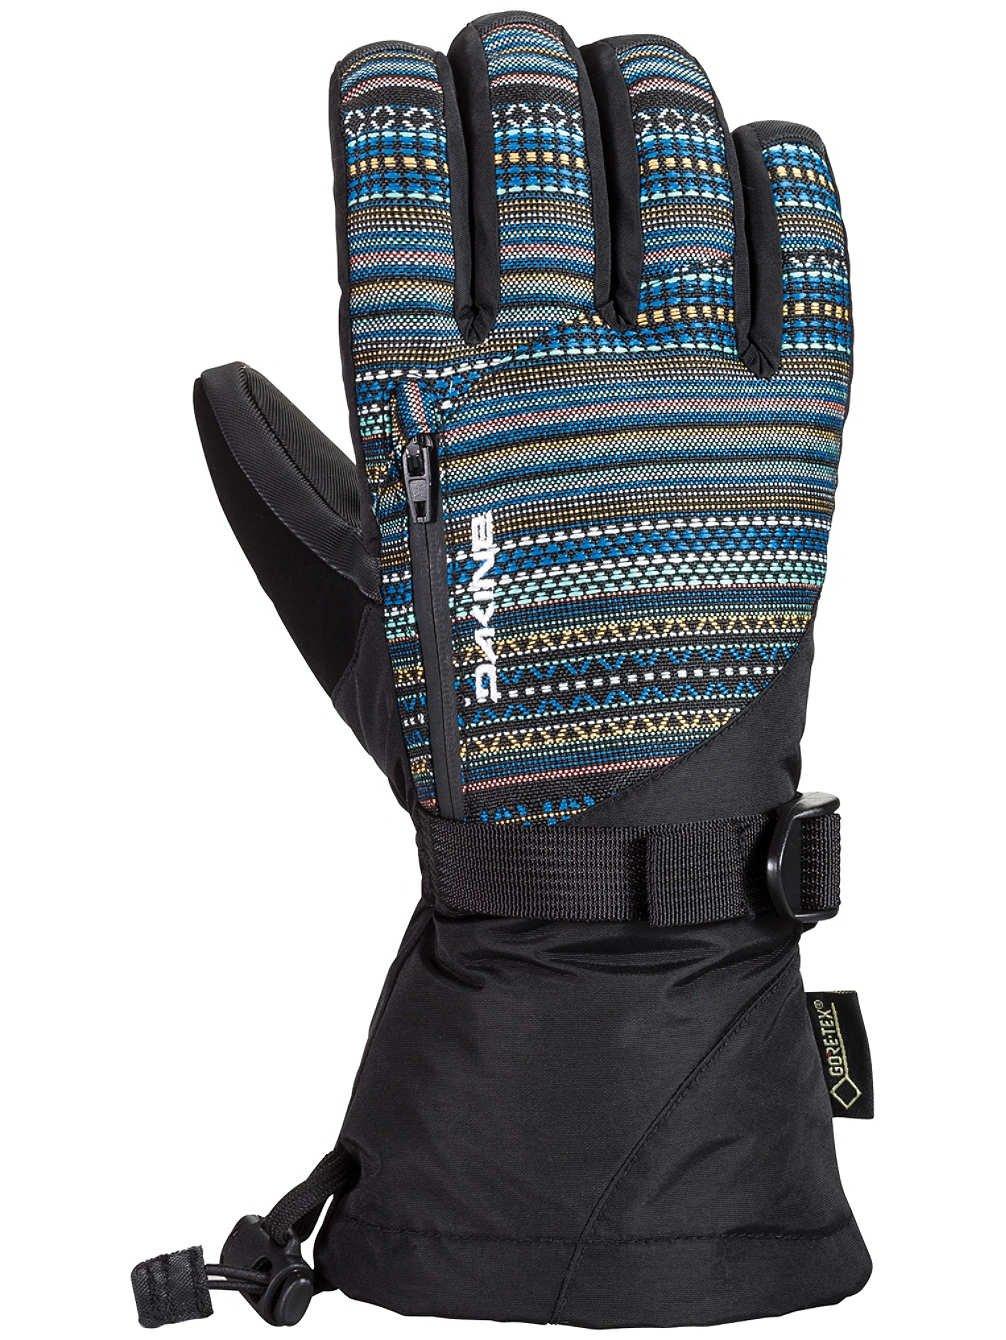 Dakine Women's Sequoia Insulated Gloves, Cortez, L